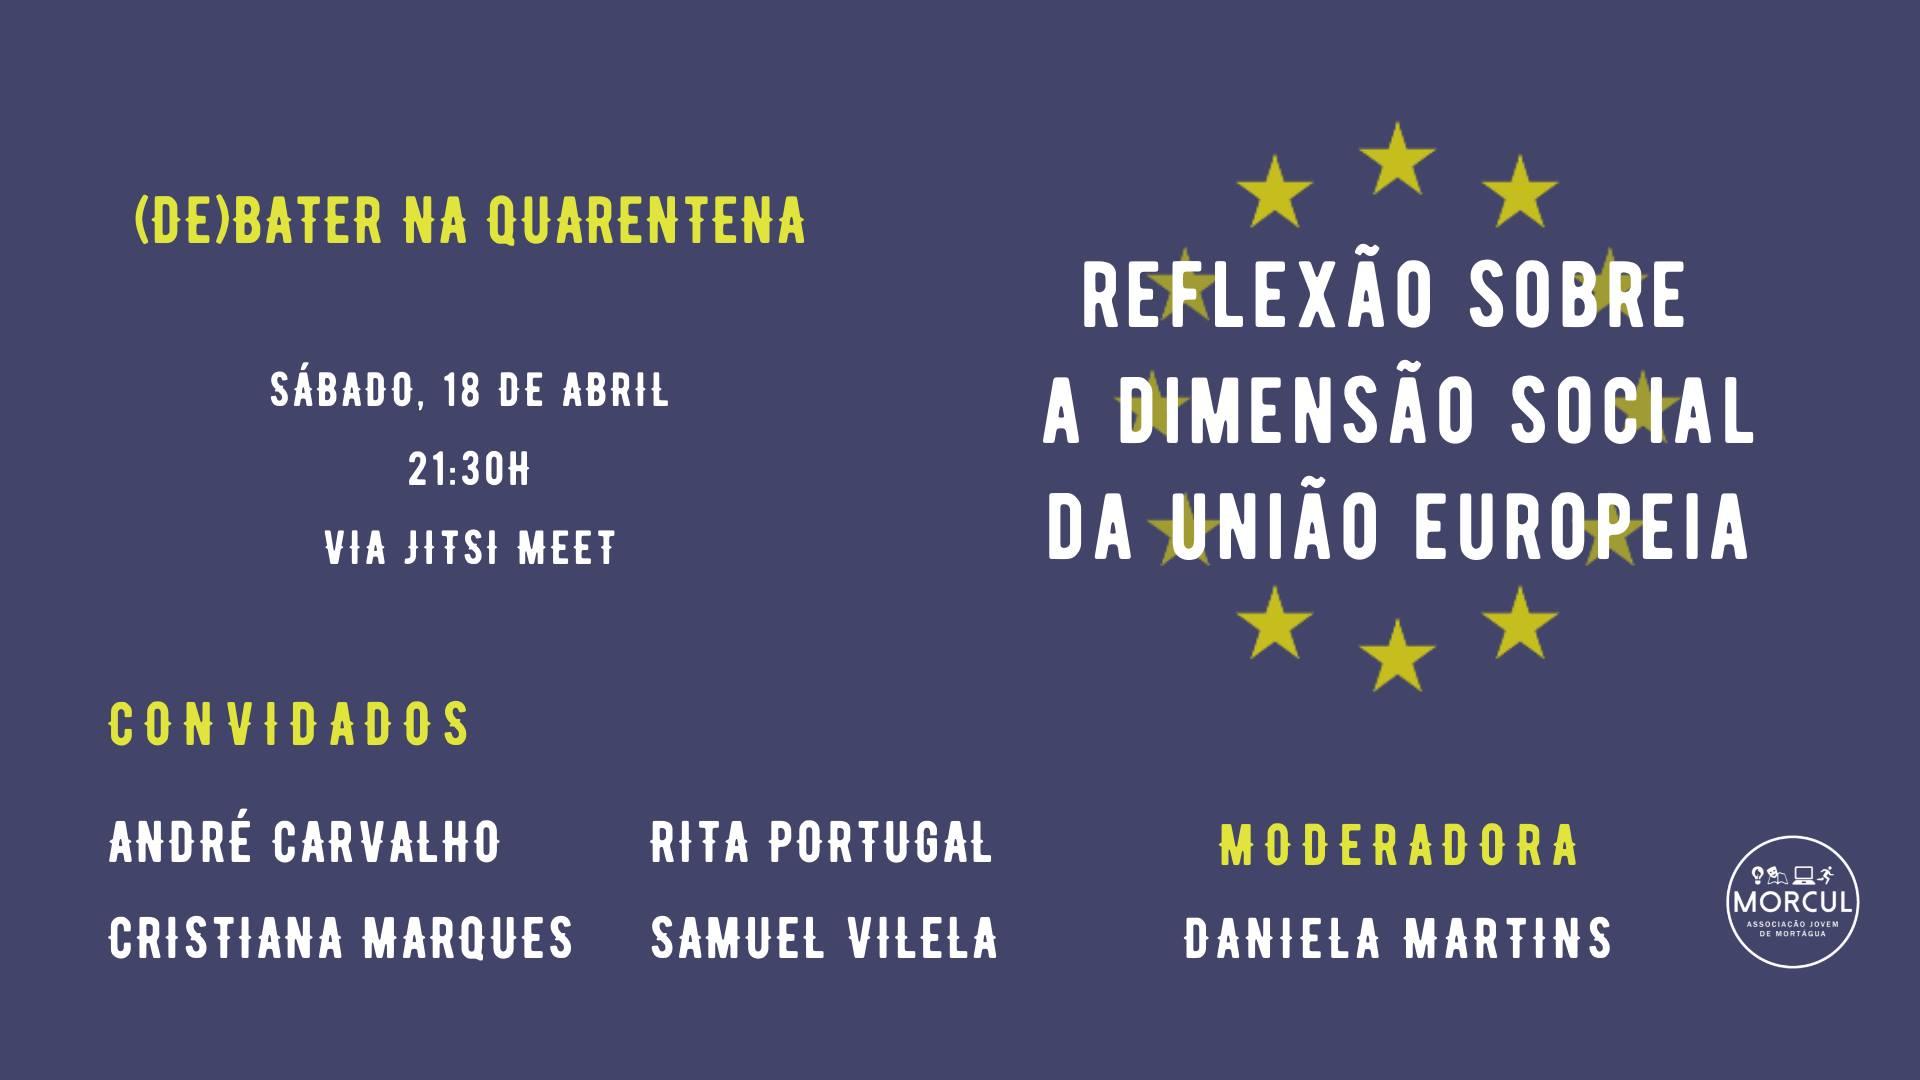 """""""Reflexão Sobre a Dimensão Social da União Europeia"""" este sábado no """"(De)bater na Quarentena"""""""